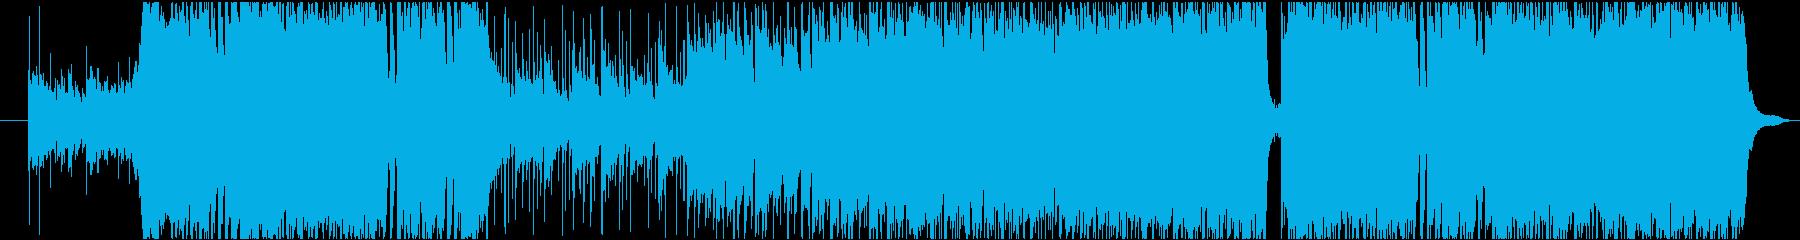 アニソンにありそうなマイナーポップスの再生済みの波形